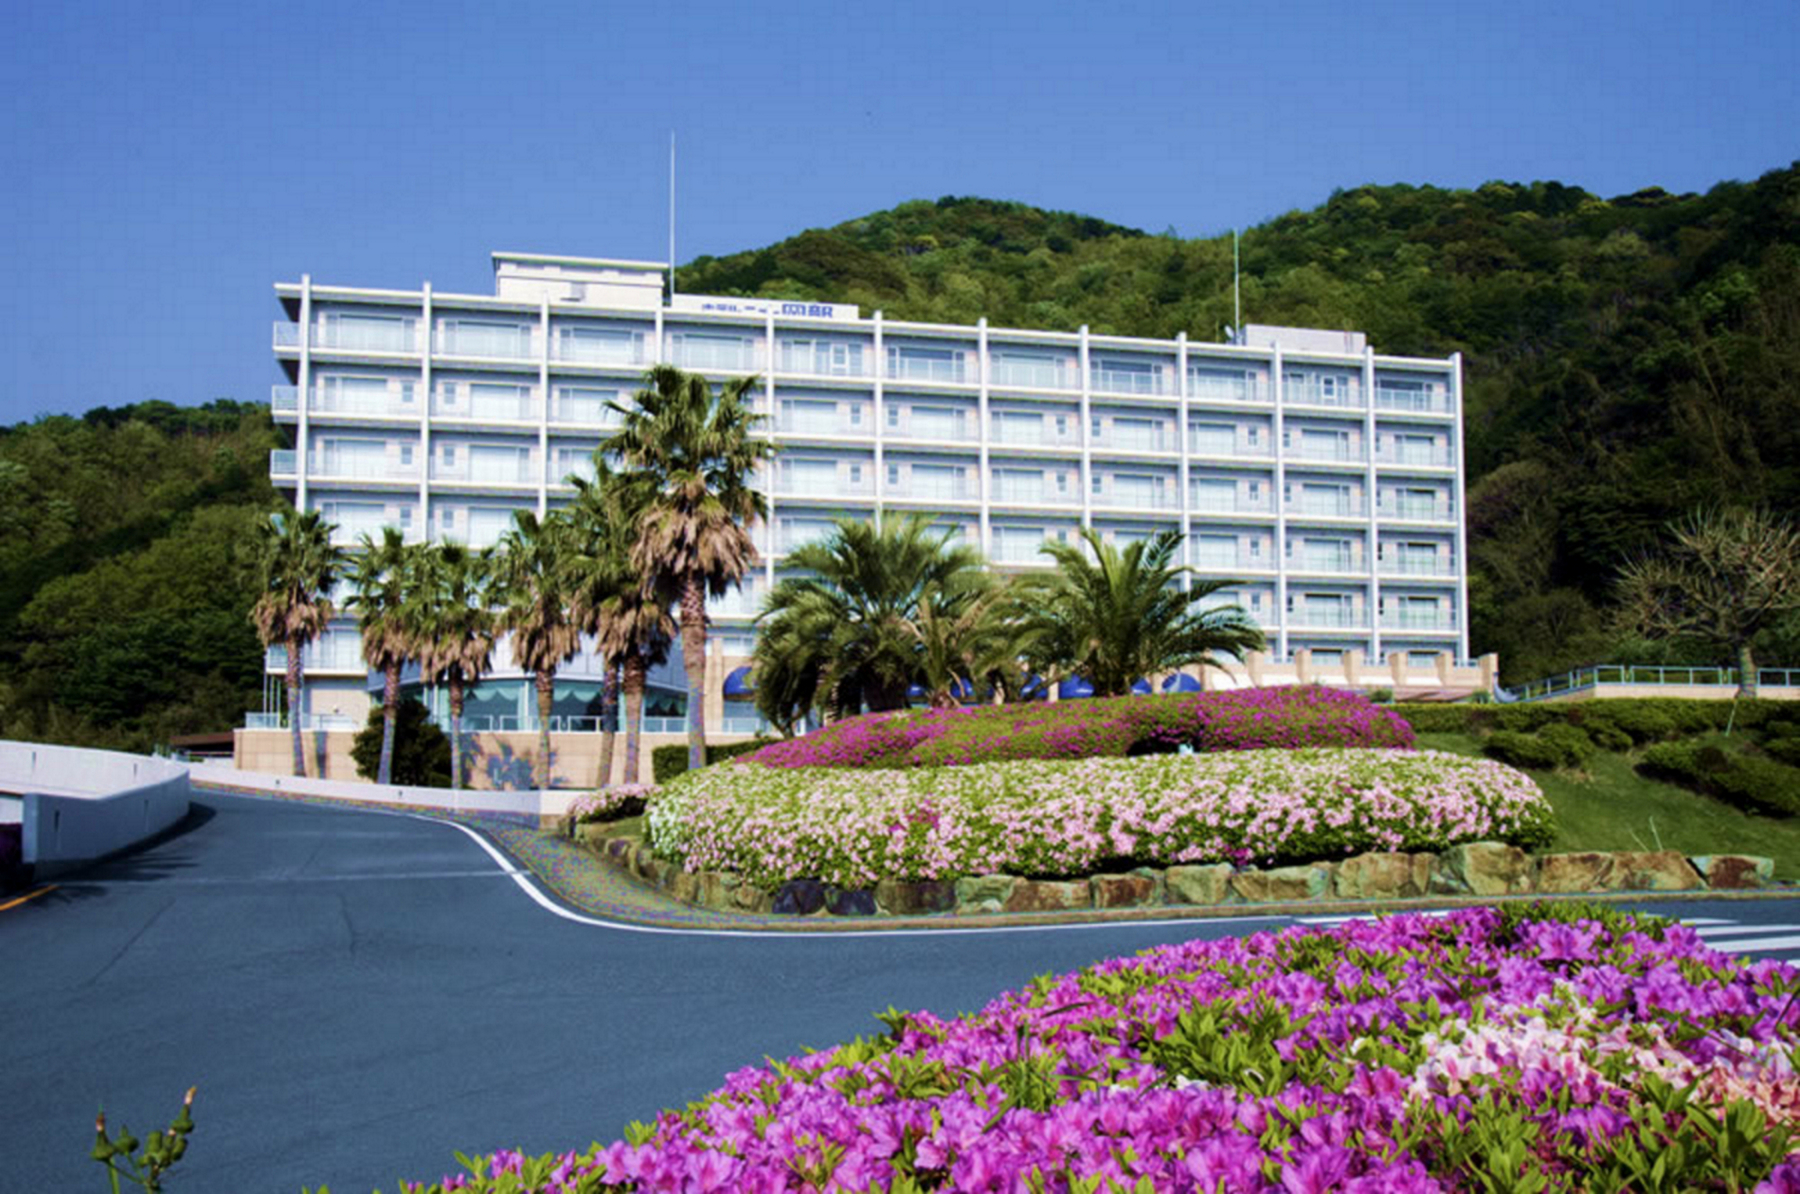 17:10 - 抵達水晶景觀酒店 クリスタルビューホテル